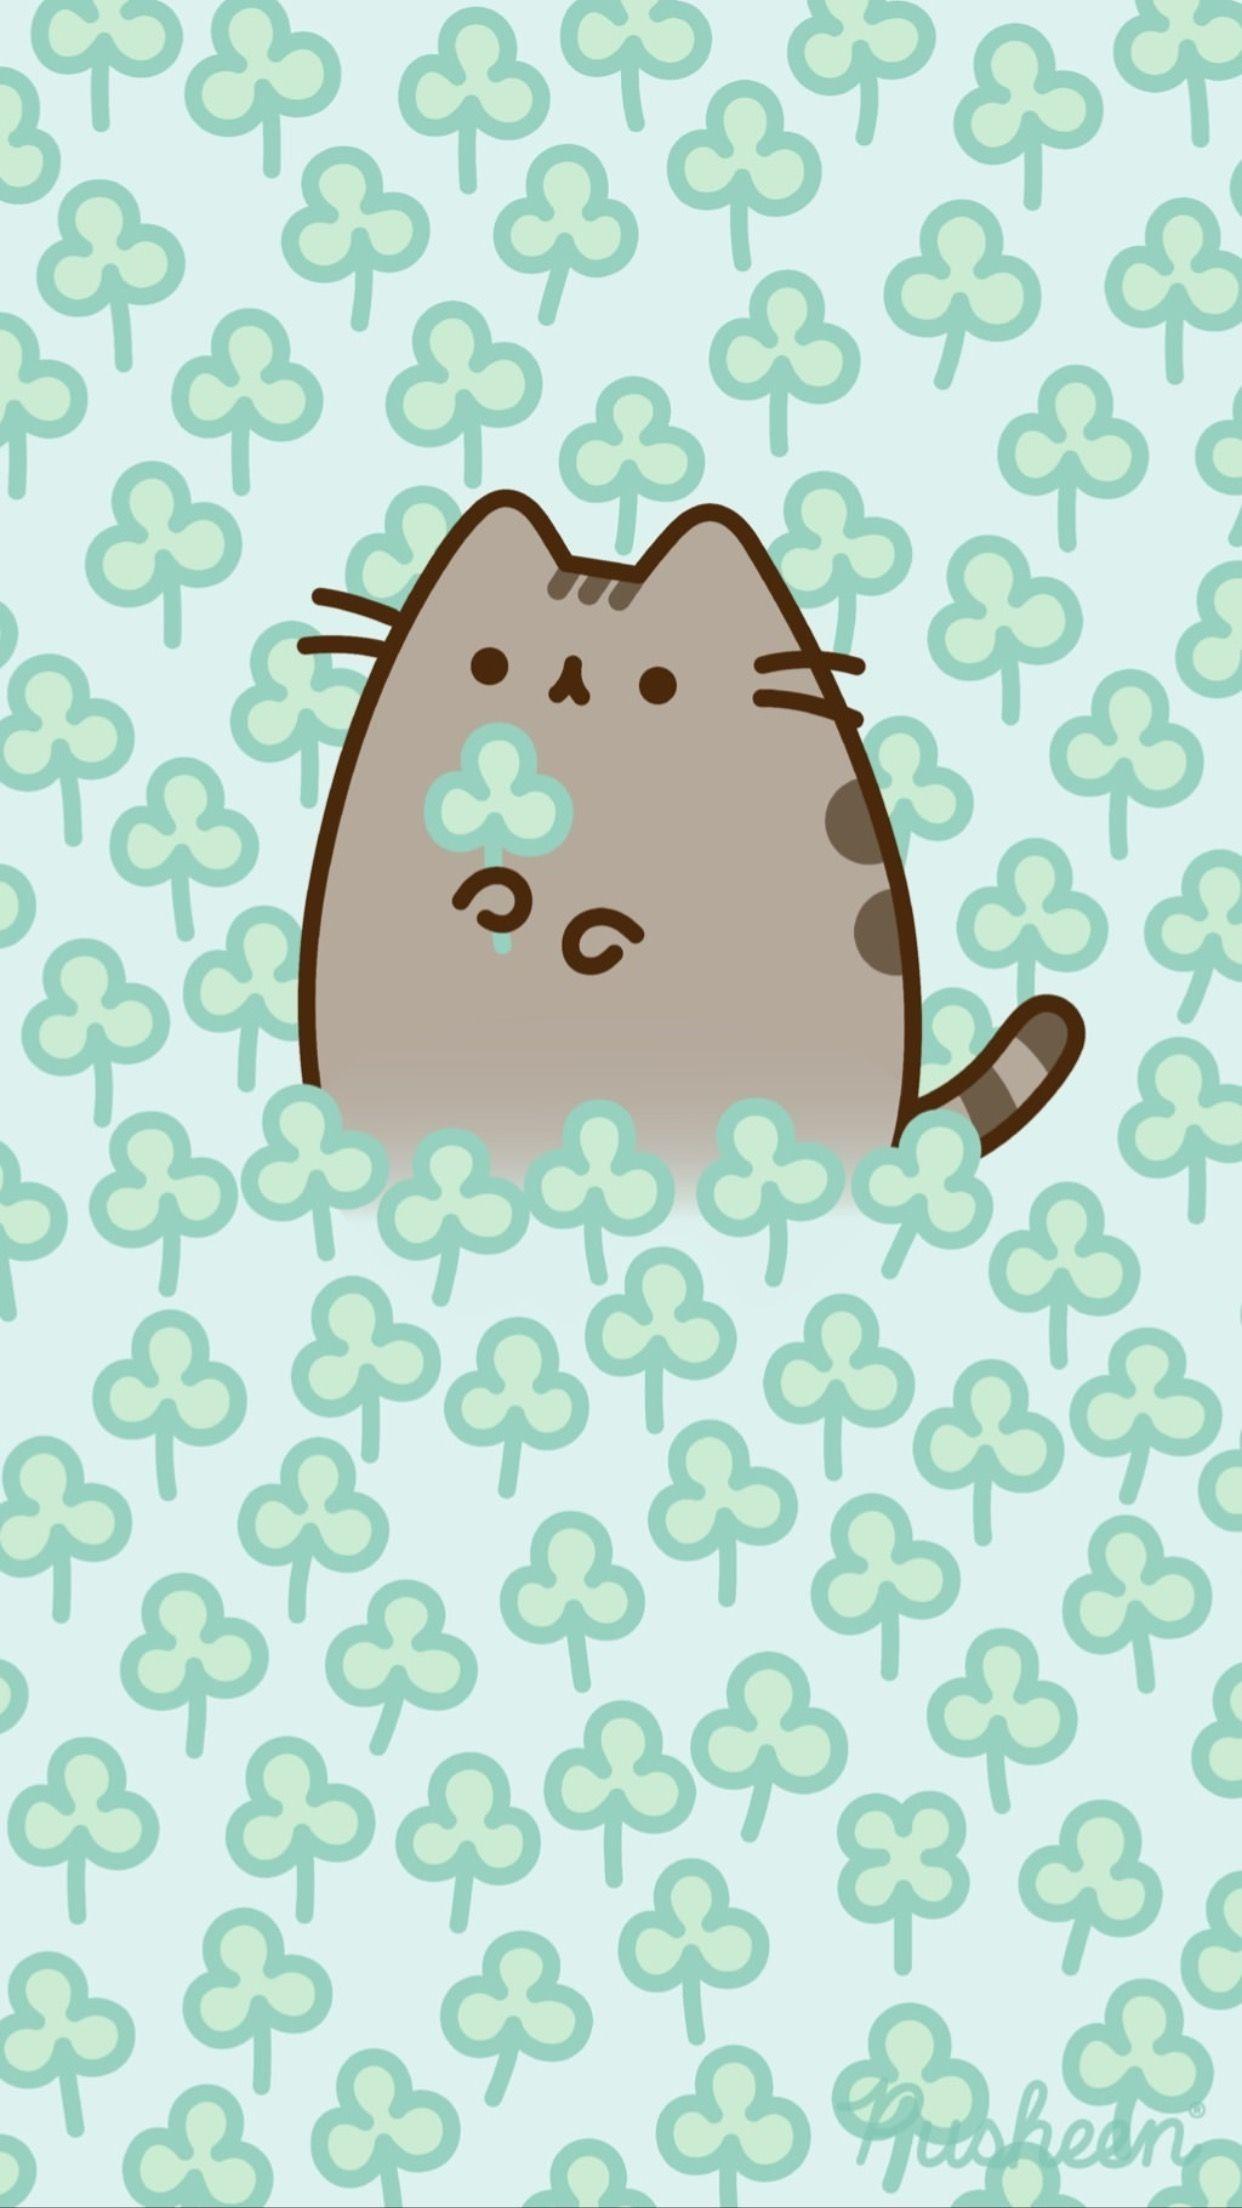 Pin By Jessica Grant On Pusheen Pusheen Cute Pusheen Cat Kawaii Wallpaper